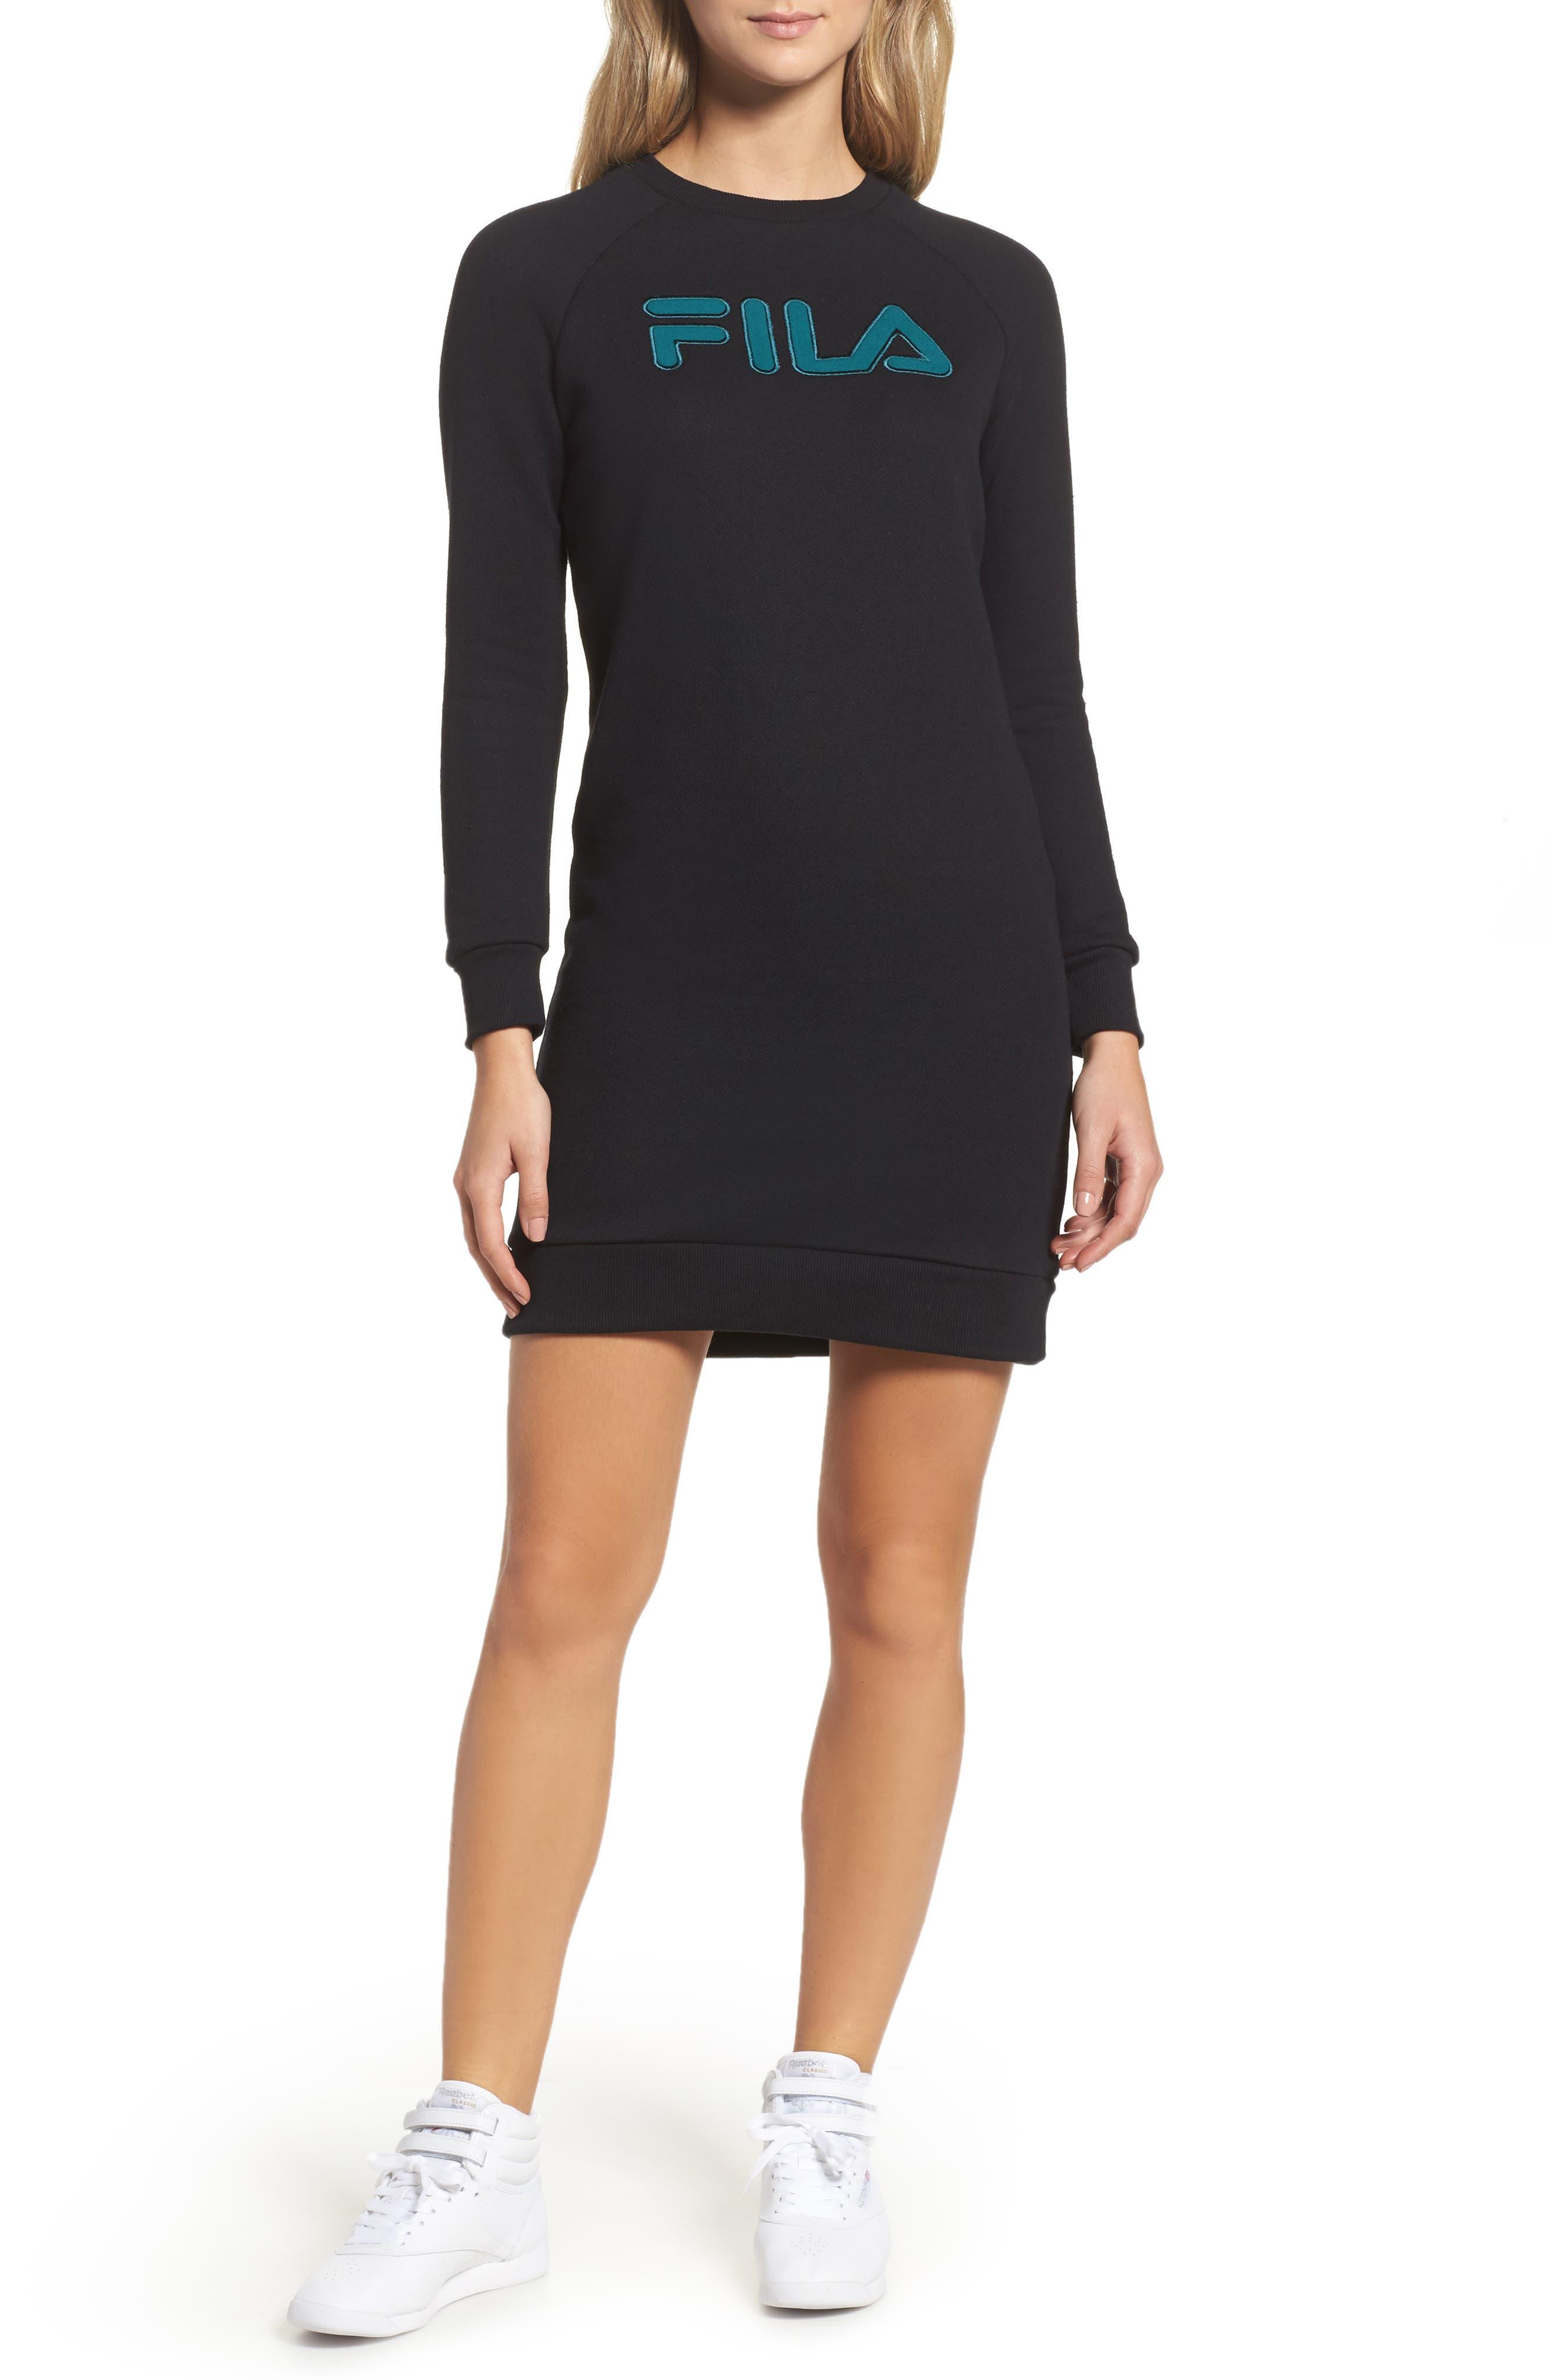 FILA Courtney Sweatshirt Dress